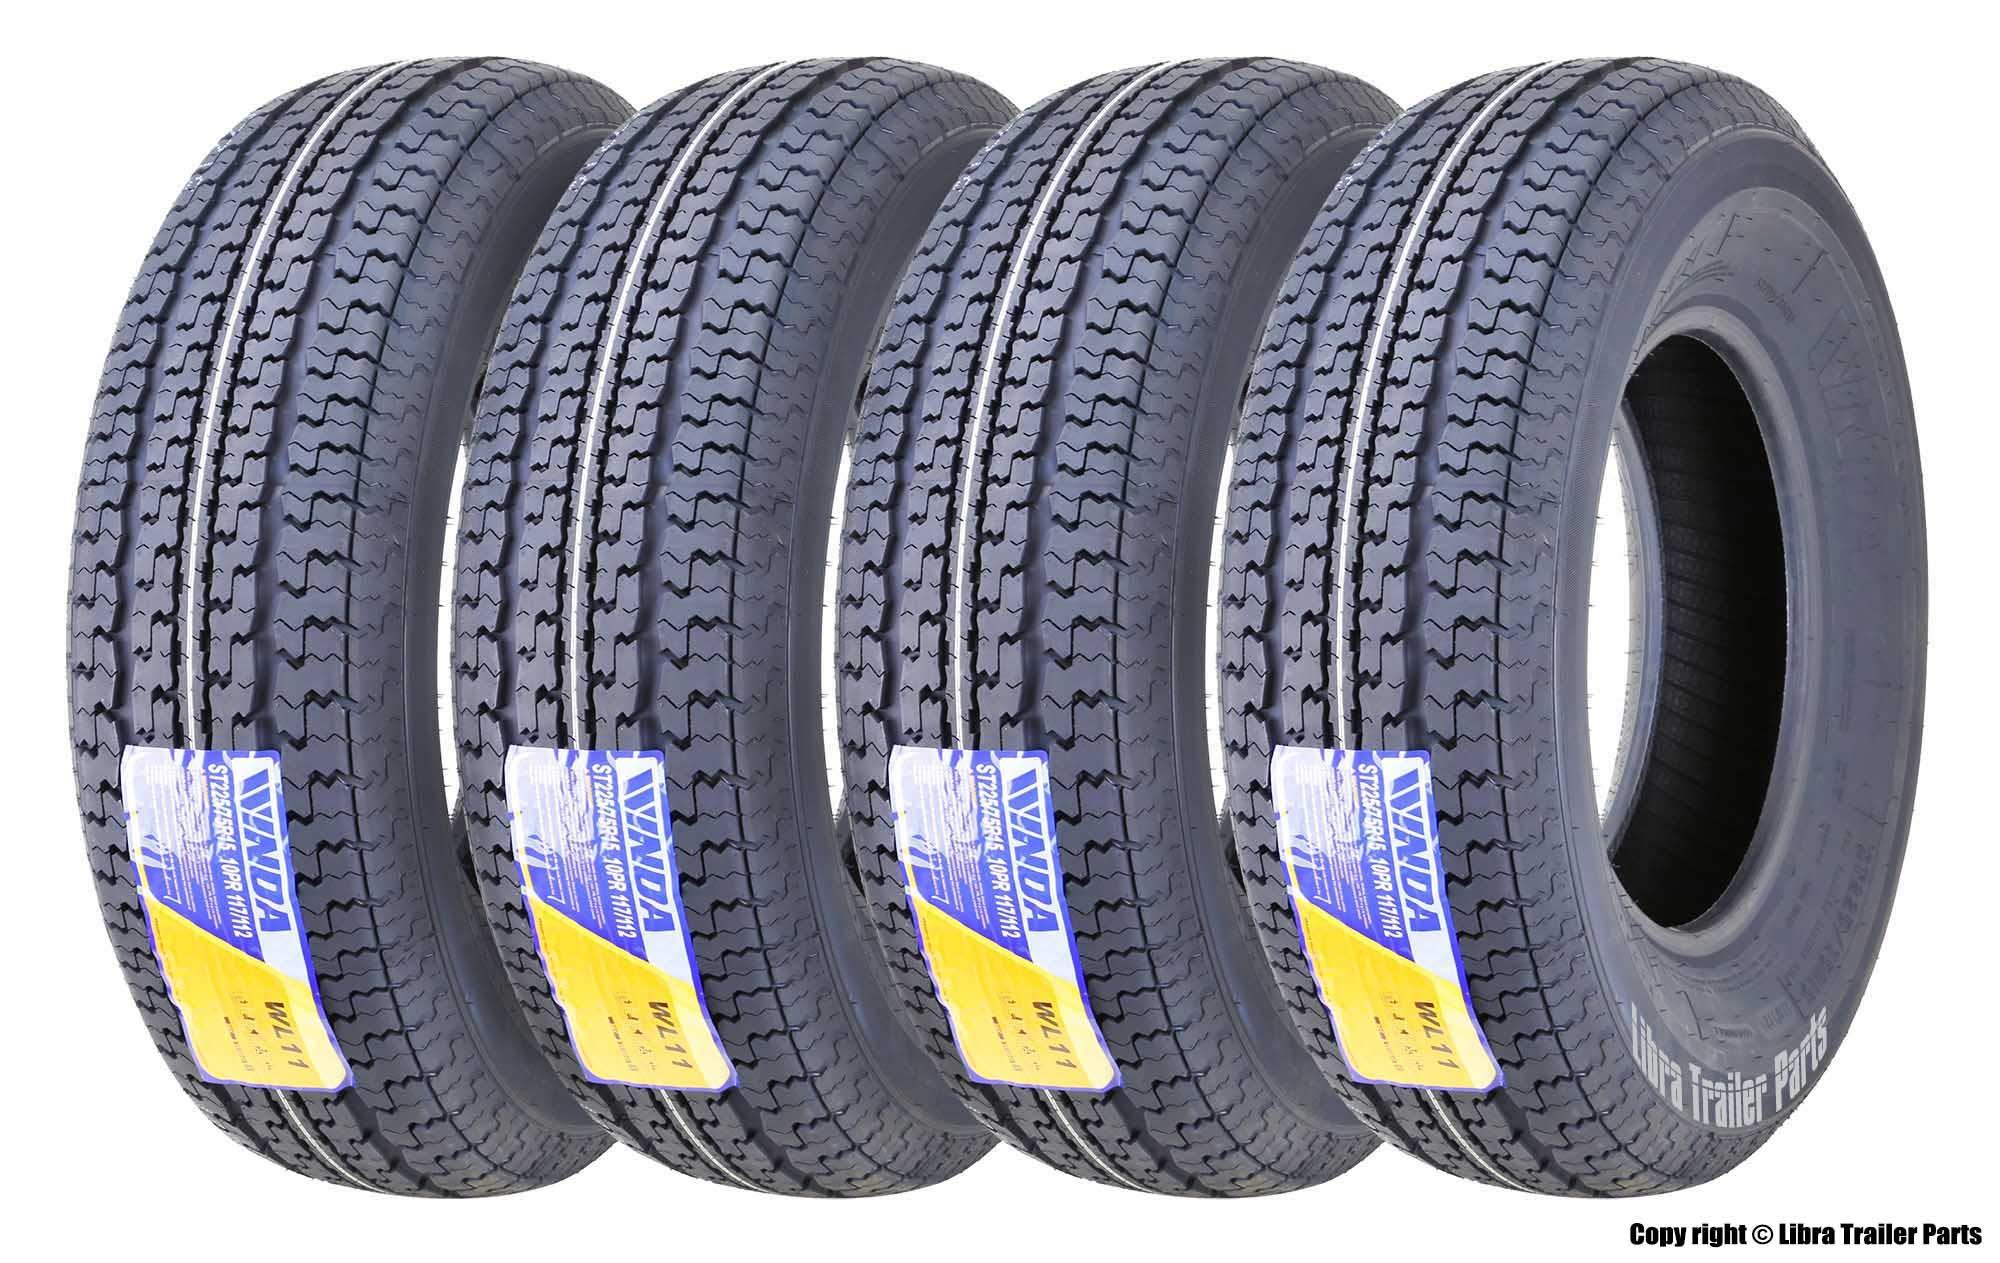 Set of 4 New Premium Trailer Tires ST 225/75R15 10PR Load Range E w/Featured Scuff Guard